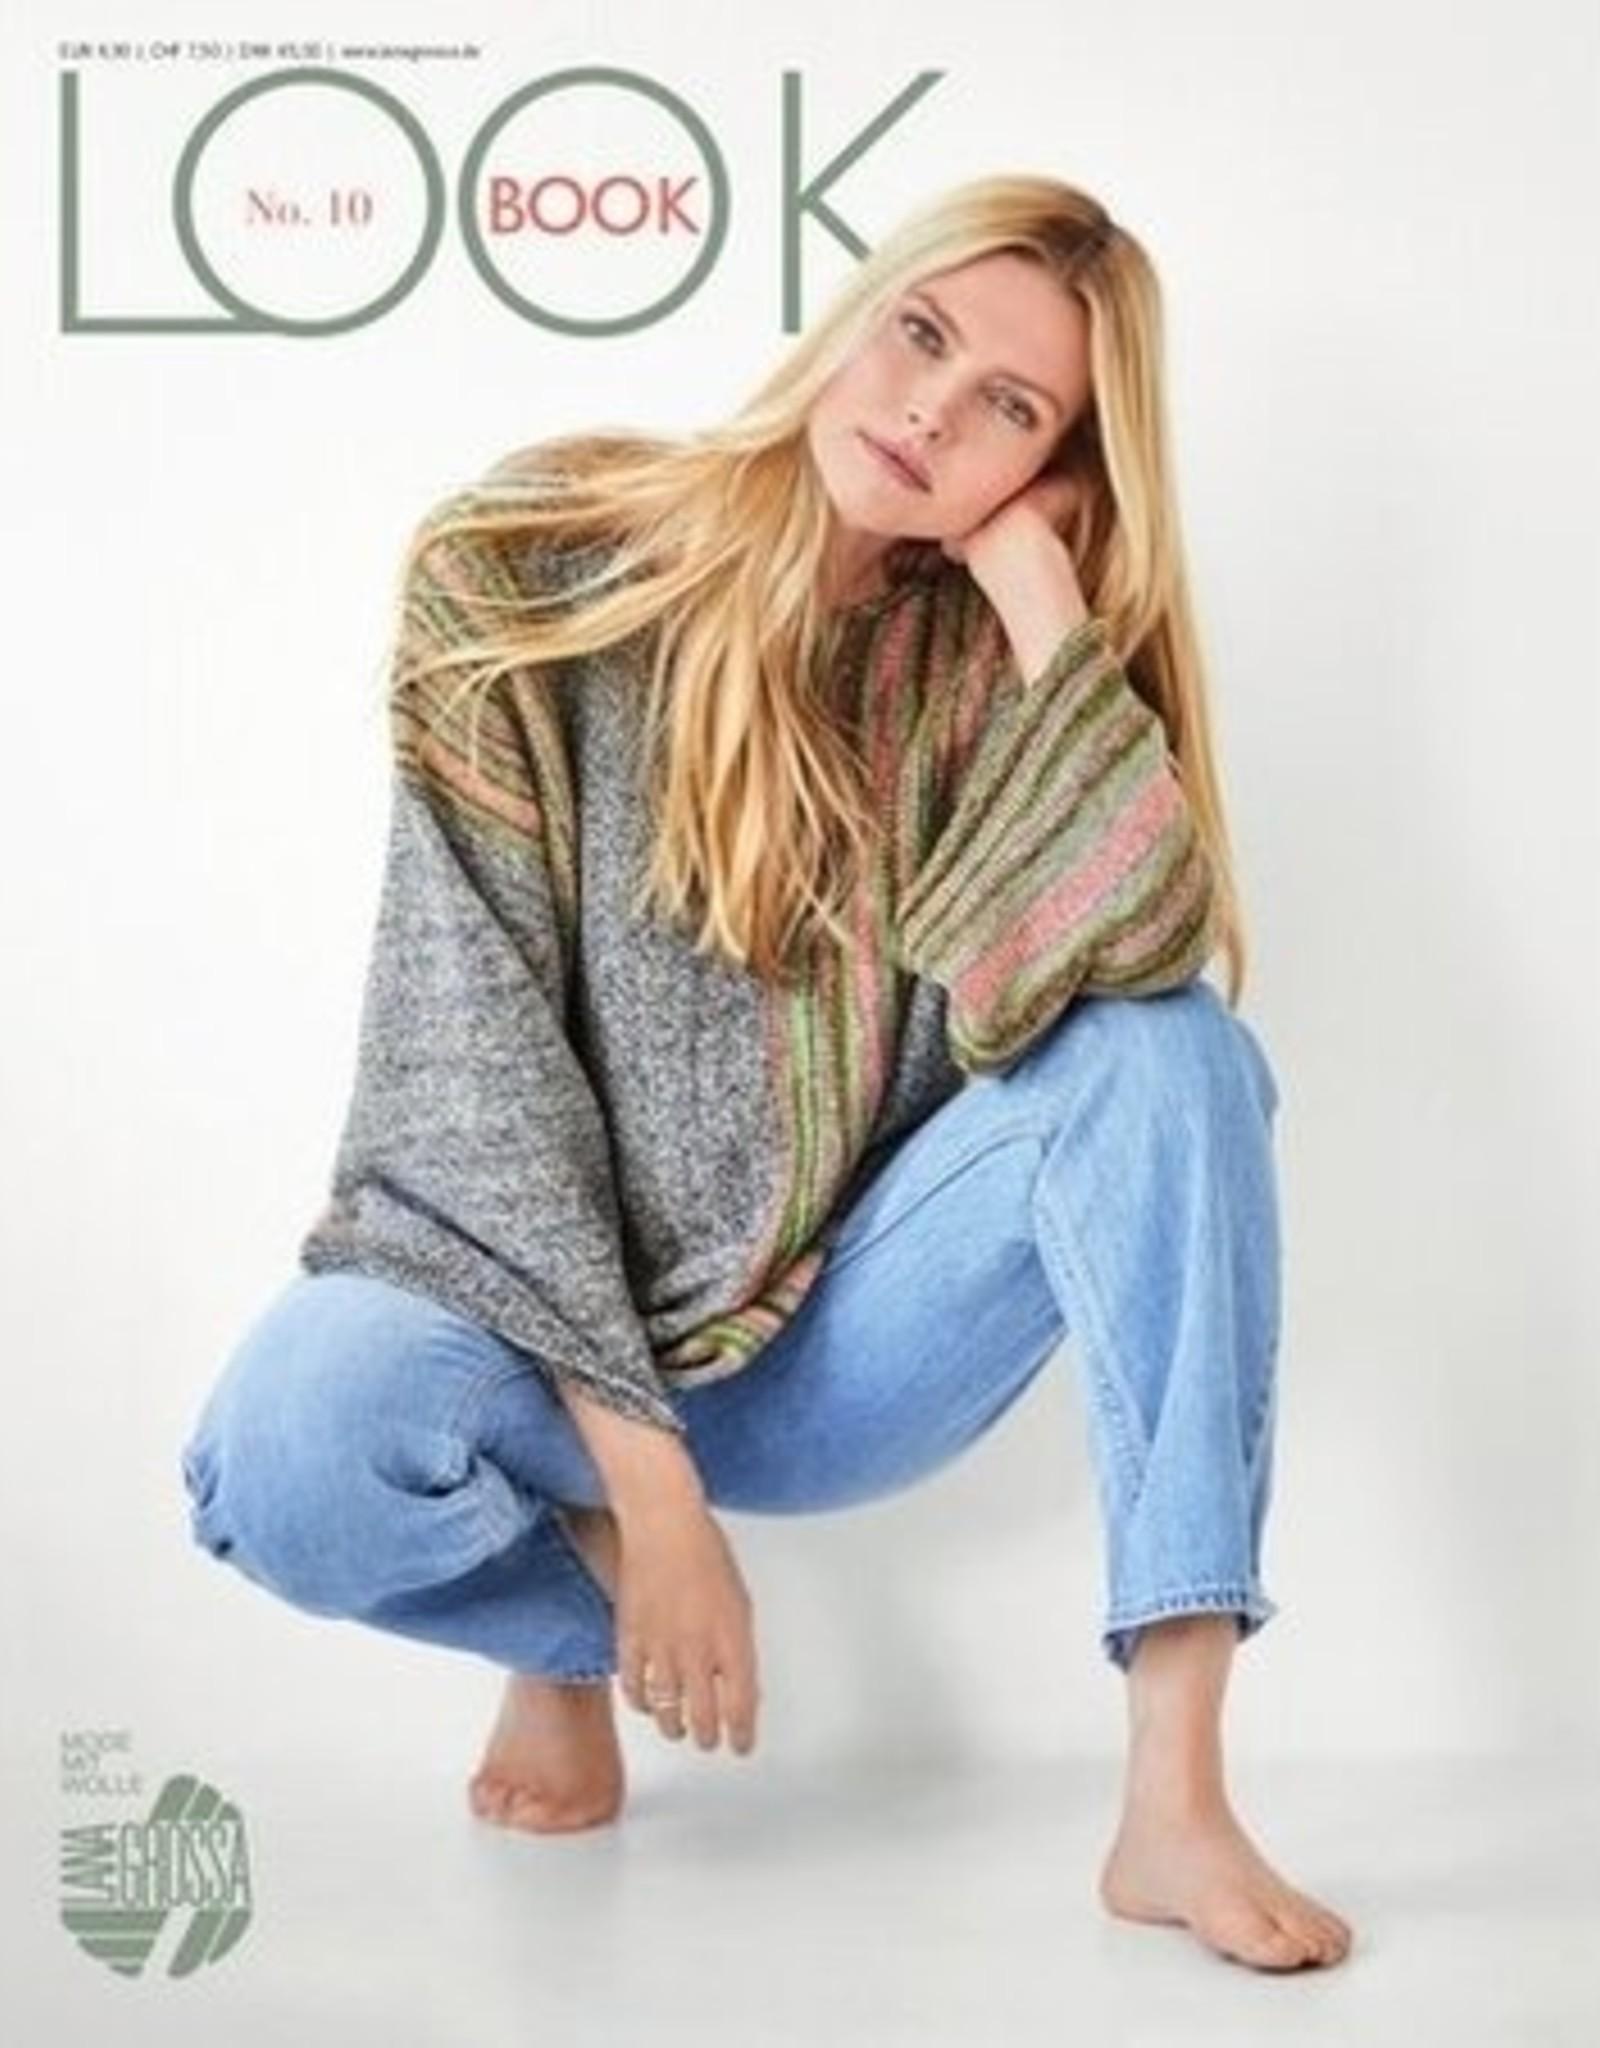 Lana Grossa Nieuwste Lookbook nr. 10